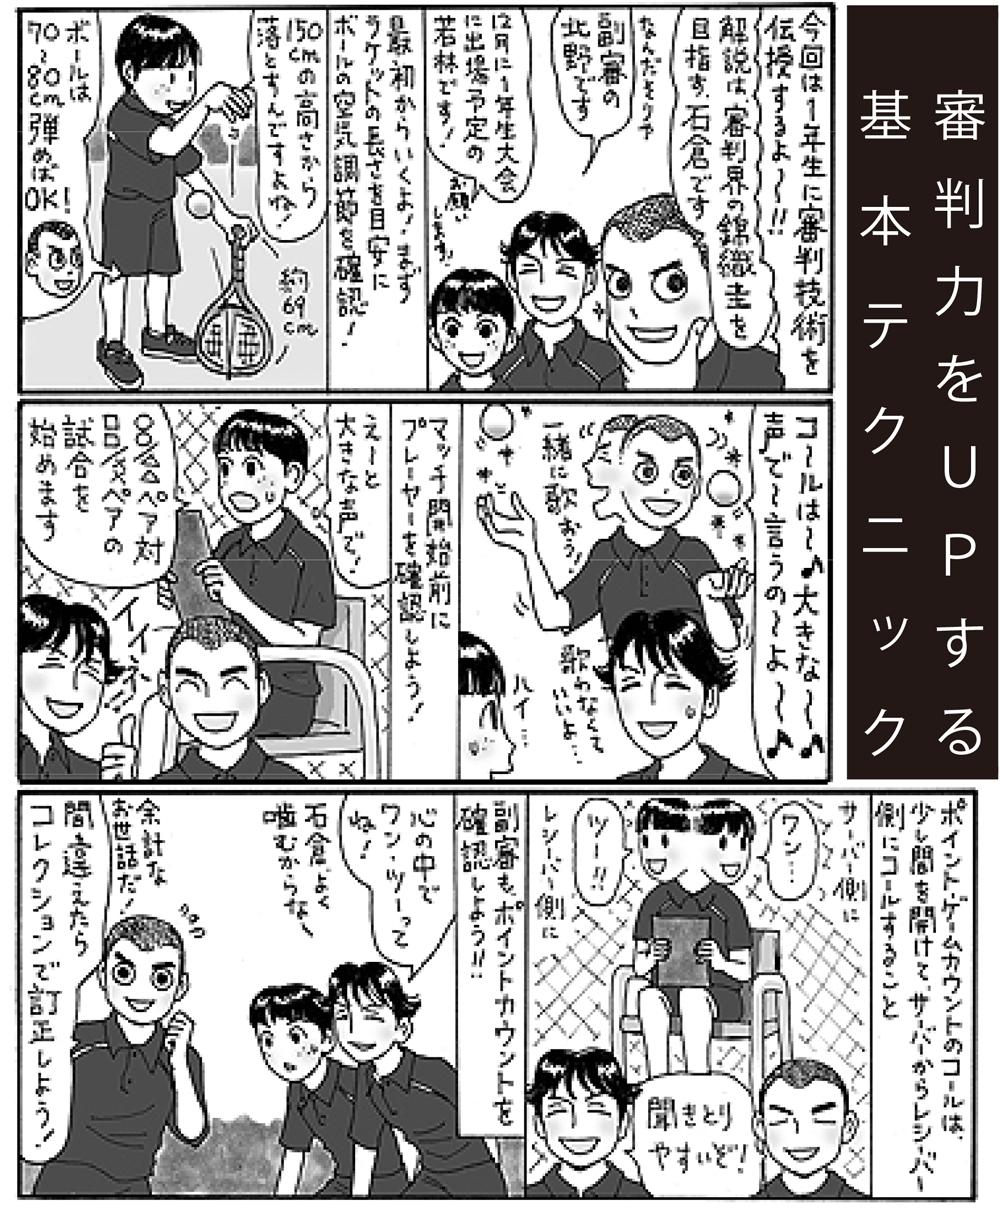 審判技術_cs1